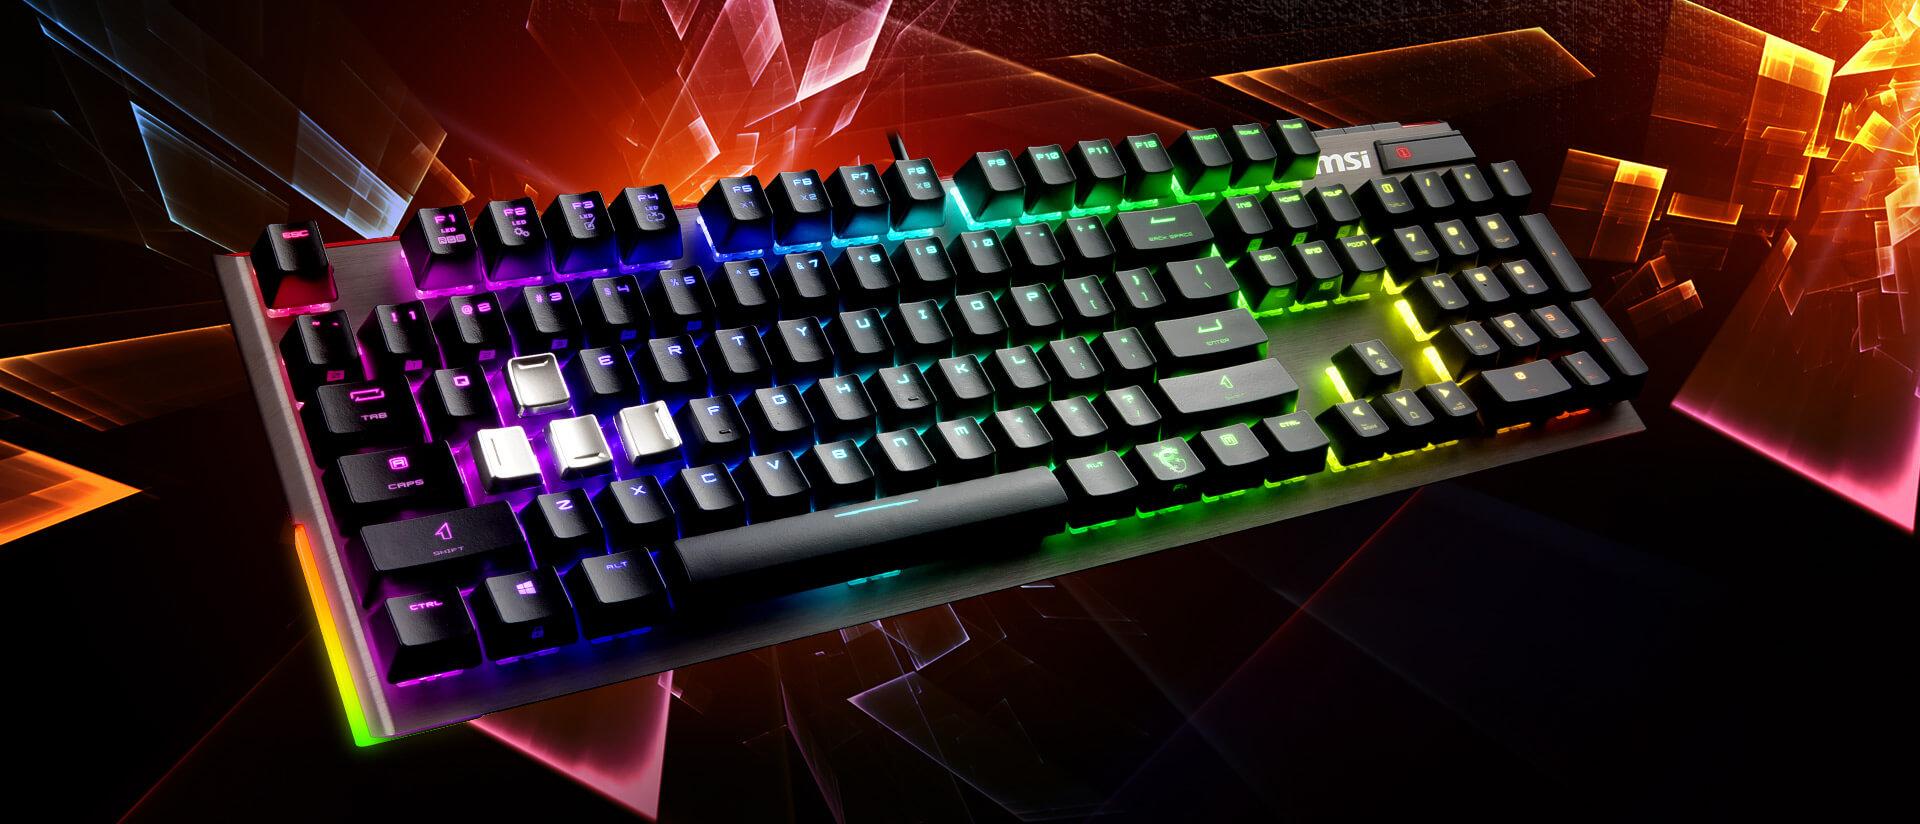 Vigor GK80 Gaming Keyboard